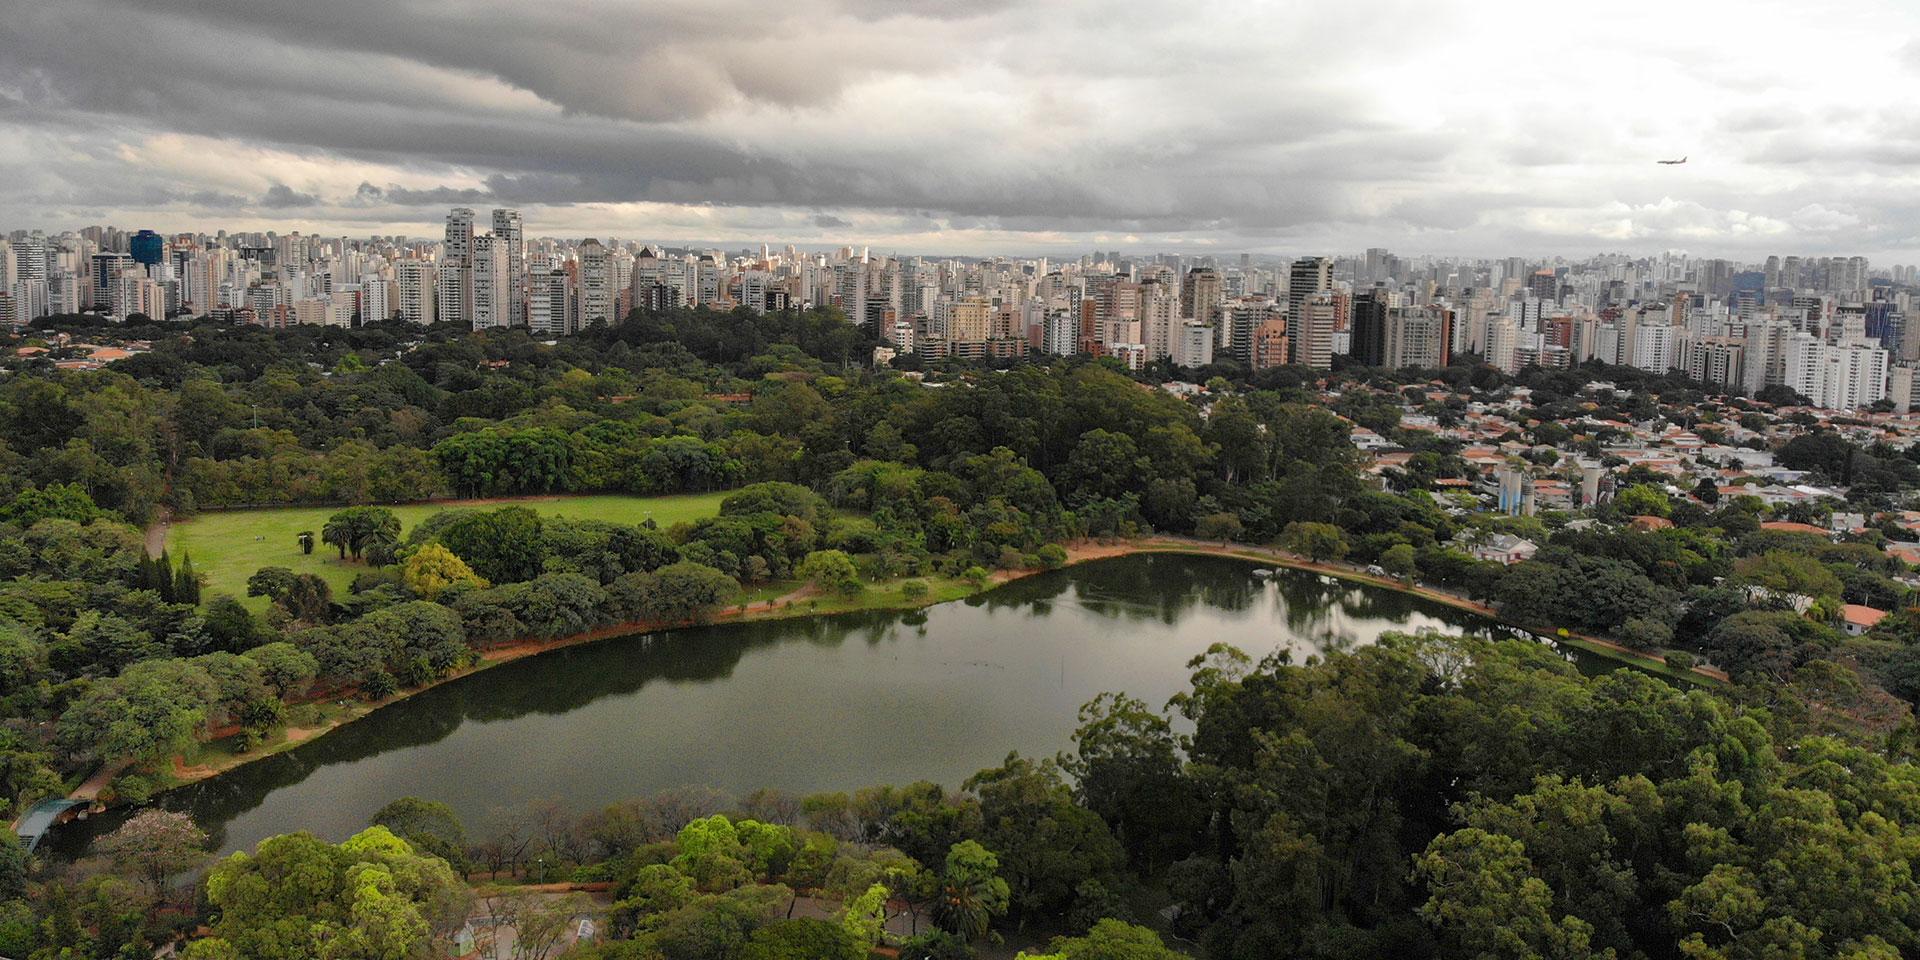 Quintana São Paulo fonte: traveler.marriott.com